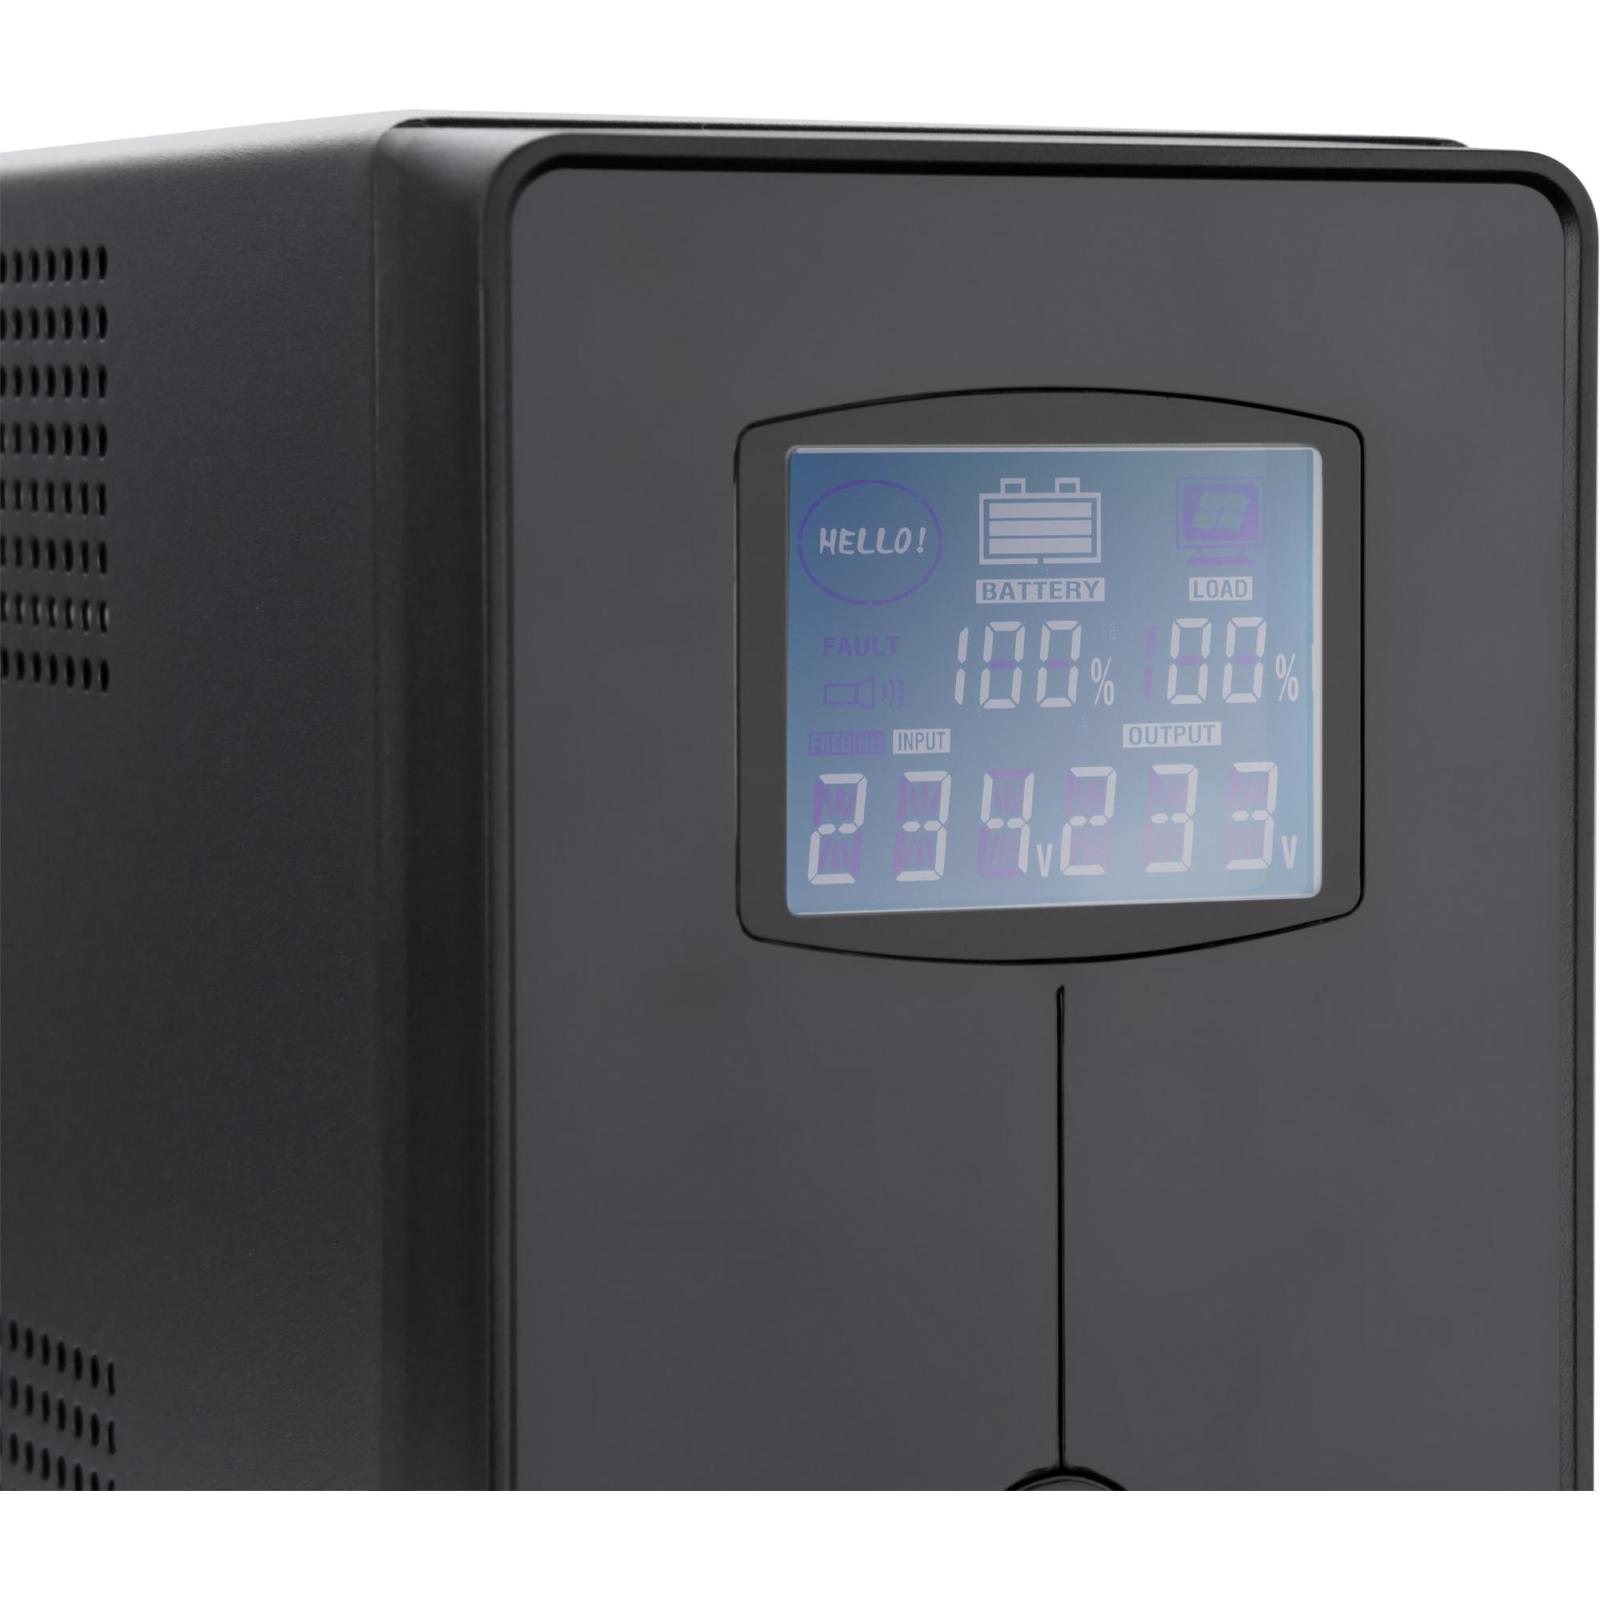 Источник бесперебойного питания Vinga LCD 1200VA metal case (VPC-1200M) изображение 3